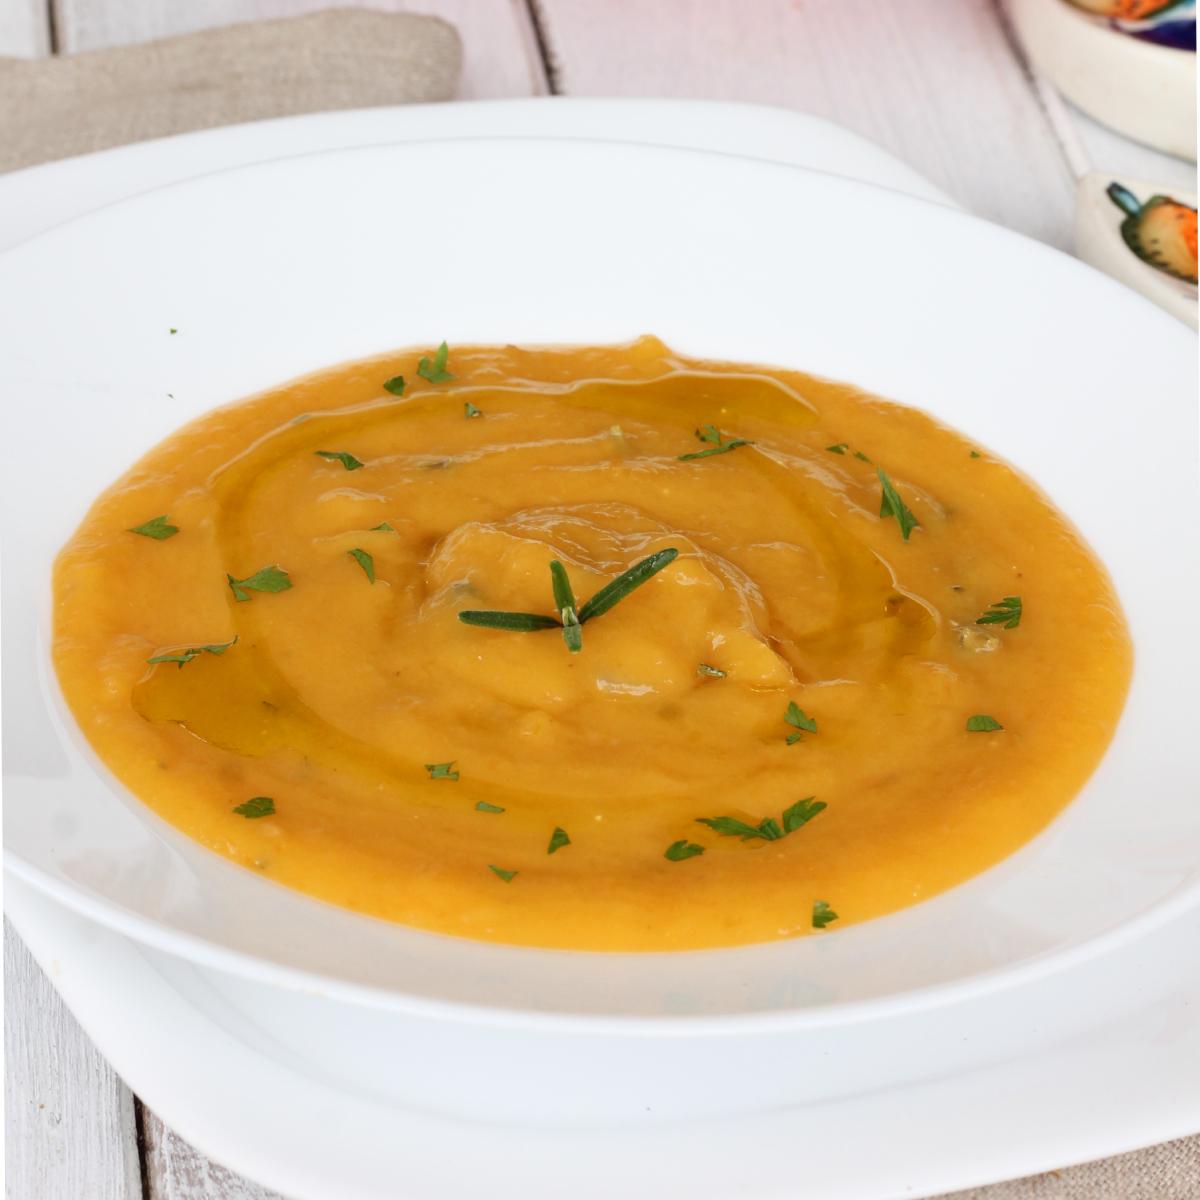 VELLUTATA DI ZUCCA ricetta vellutata zucca e patate | crema di zucca